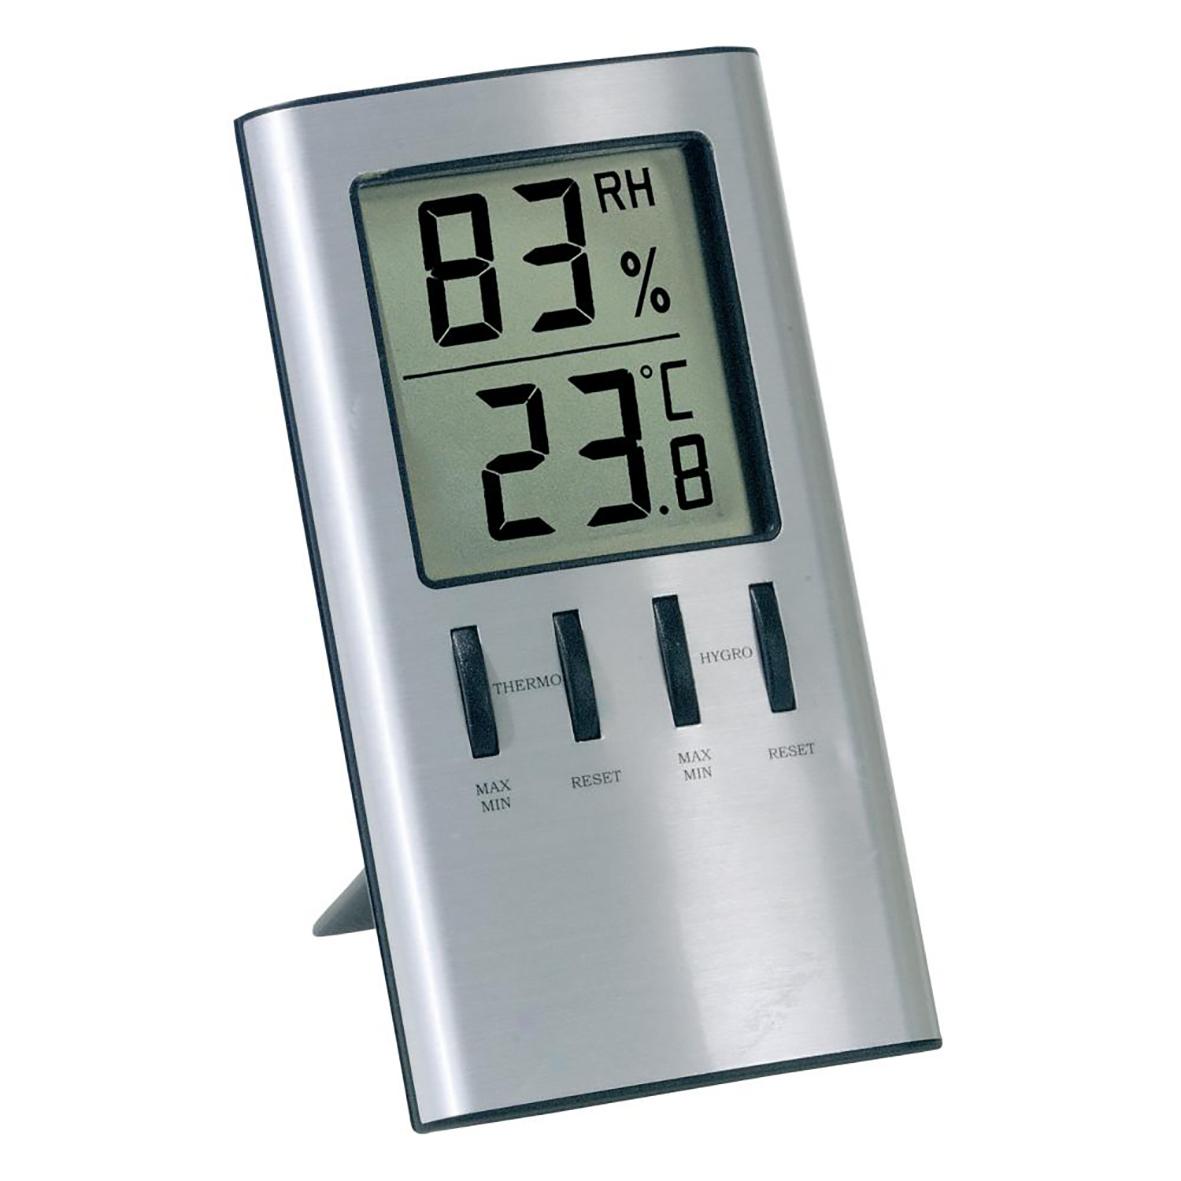 Digital innetermometer Viking innehygro silver 100x65mm